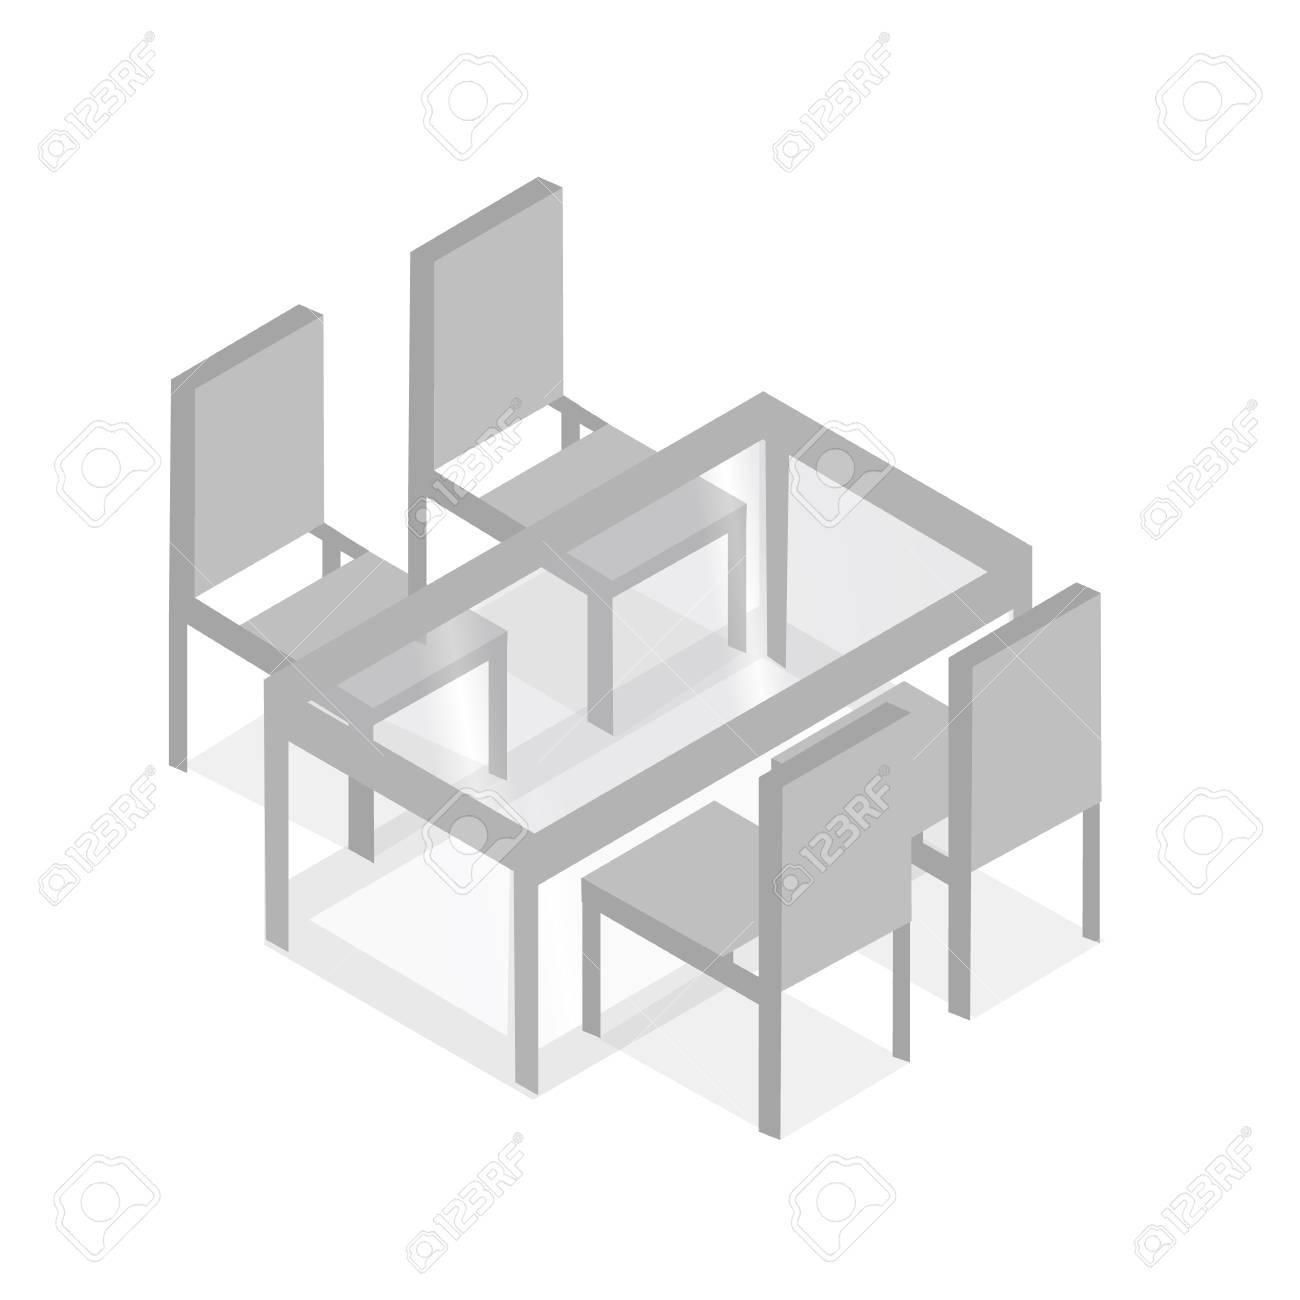 table avec des chaises pour les cafs table avec des chaises icne table avec des chaises modernes table avec des chaises sur fond blanc - Des Chaises